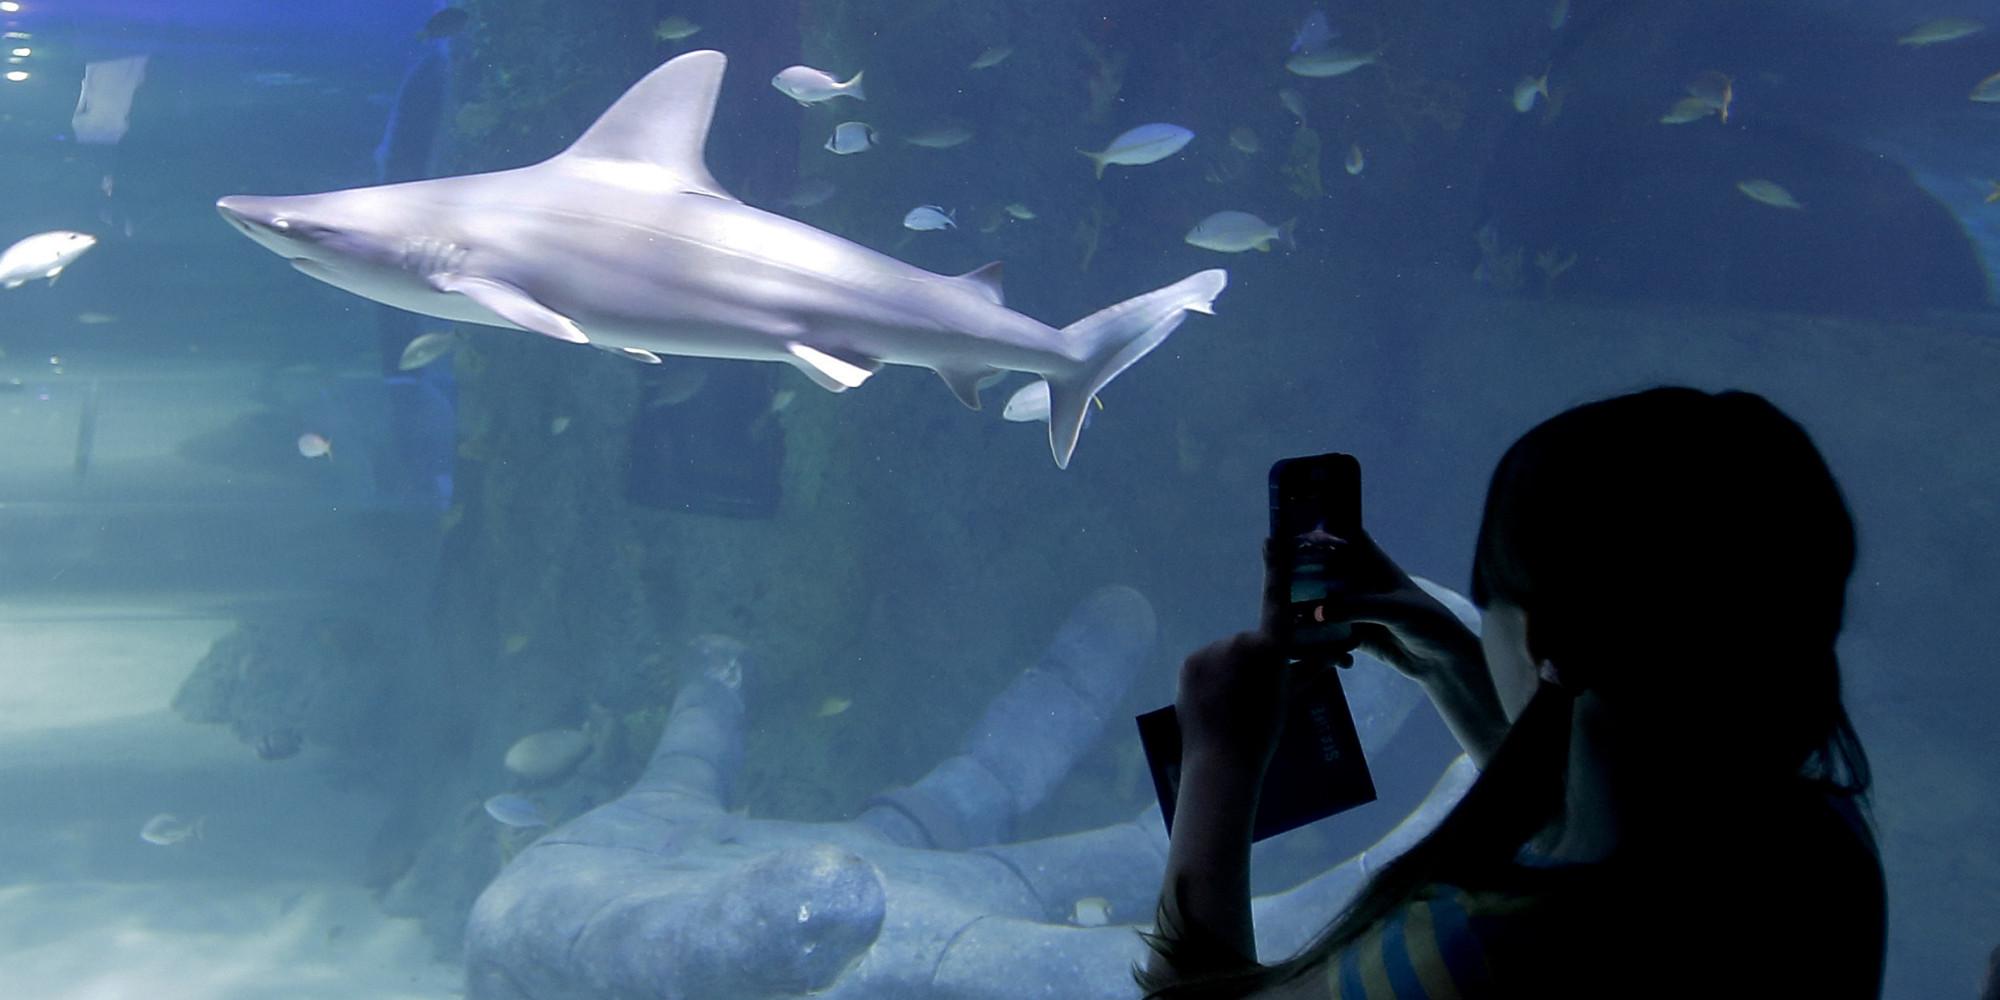 Fish aquarium tarapur - Header Image